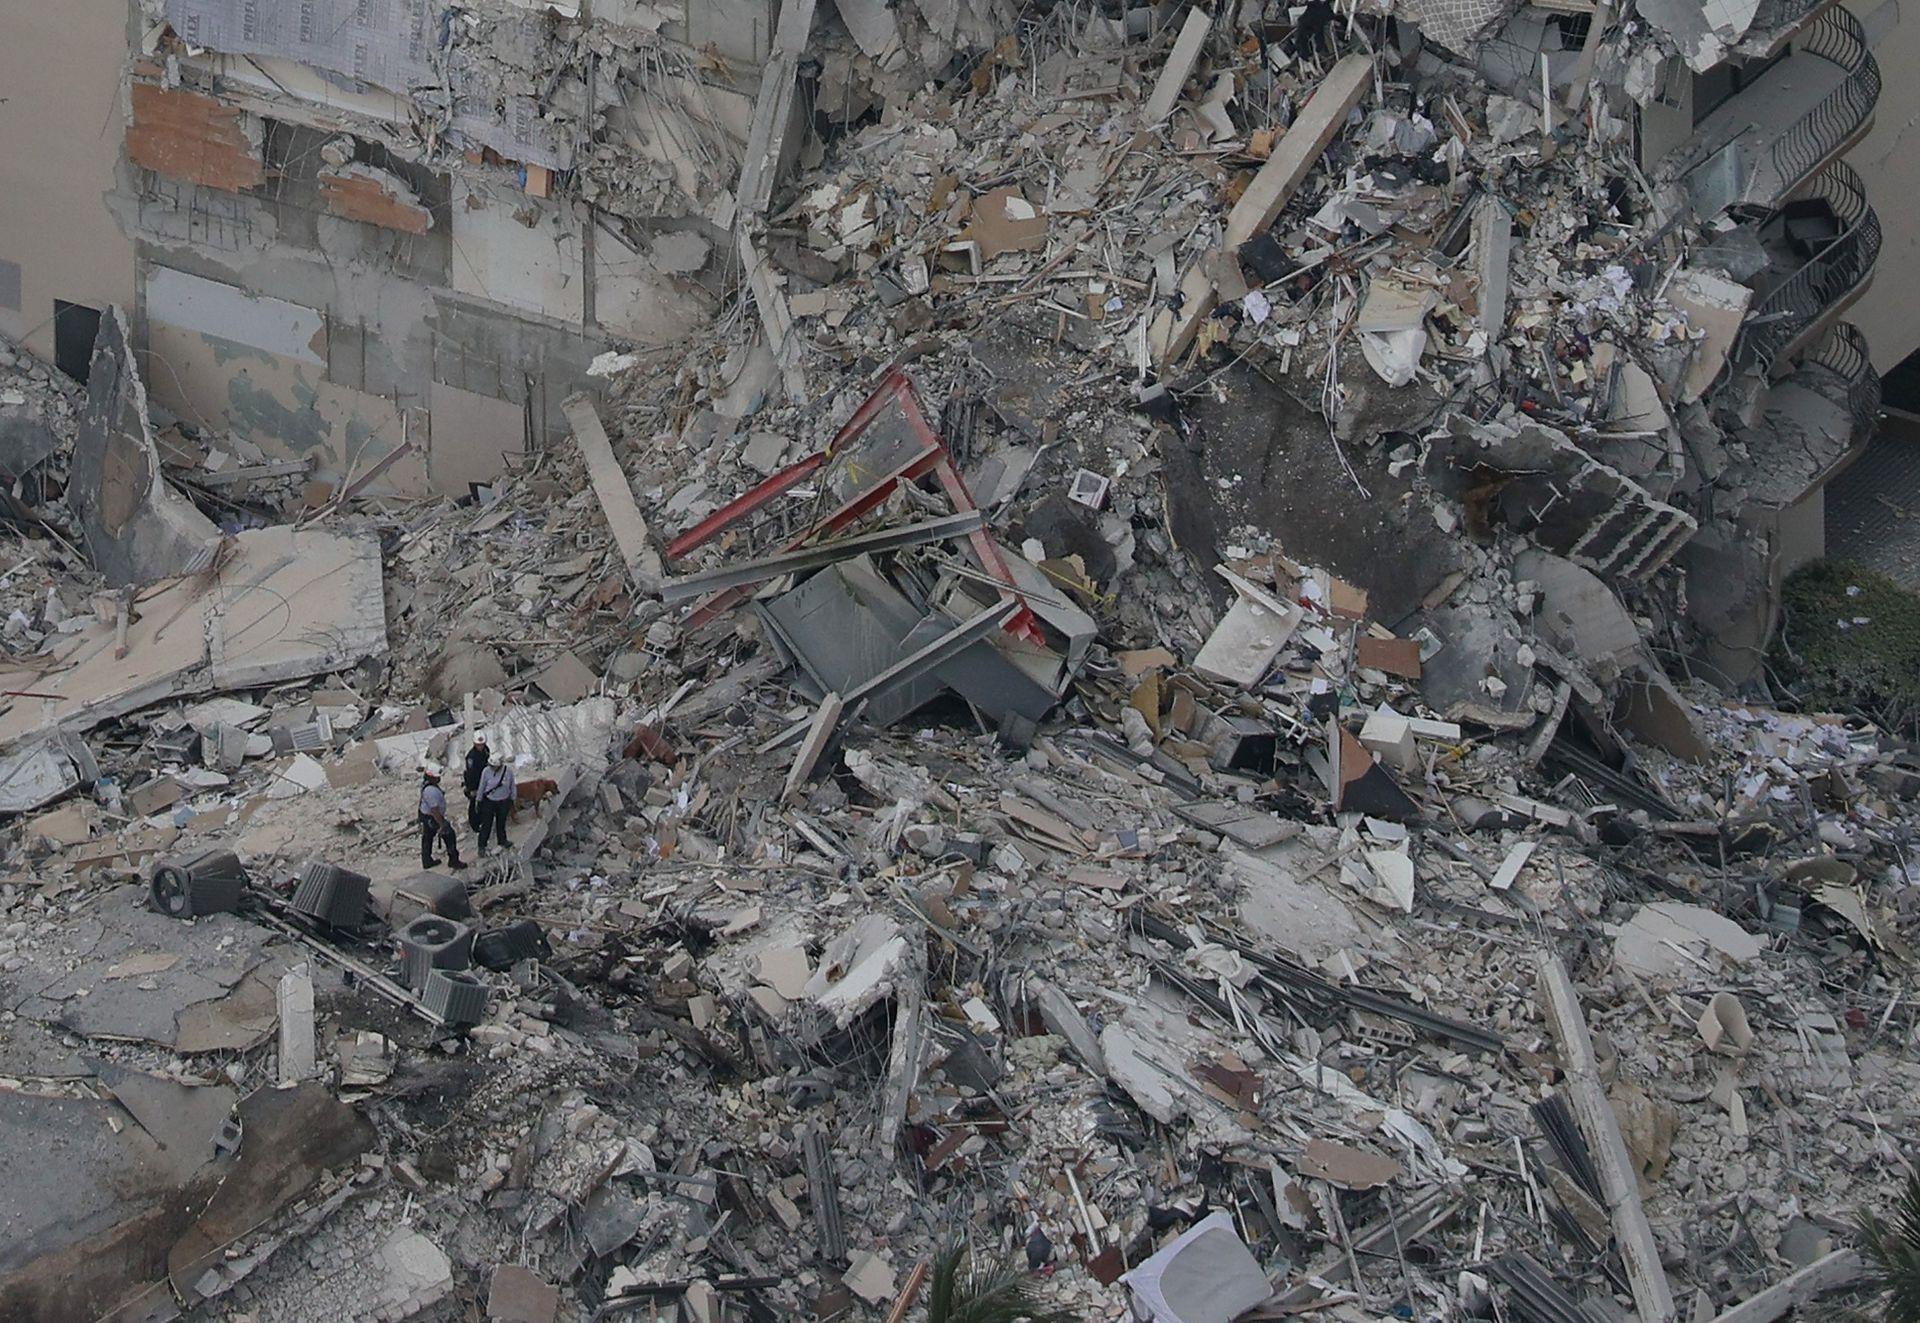 El edificio quedó reducido a una pila de escombros